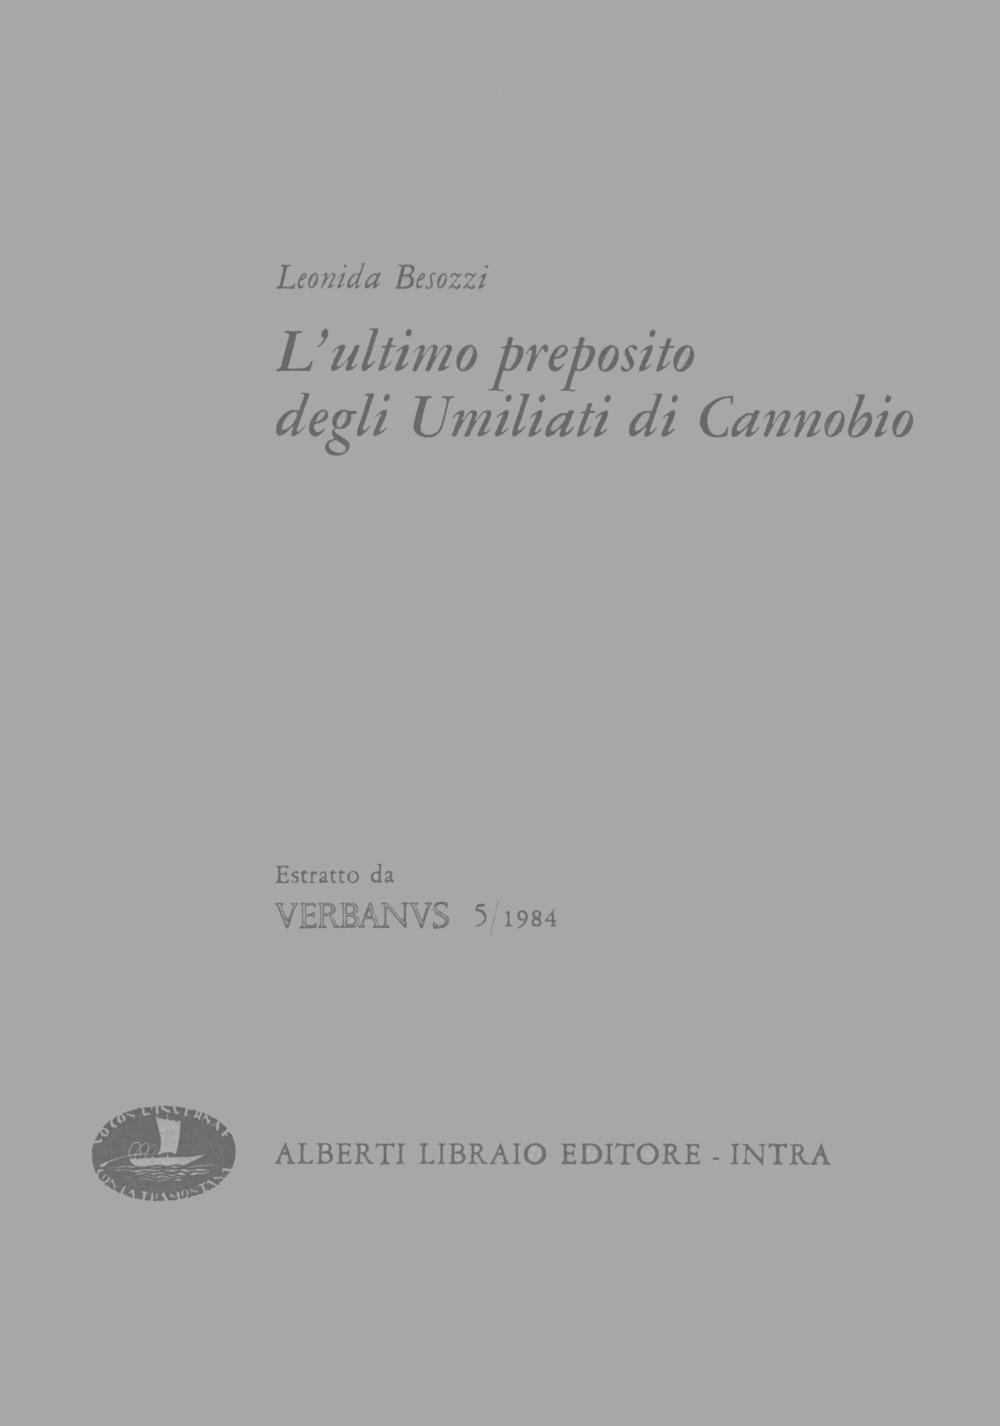 L'ultimo preposito degli Umiliati di Cannobio.